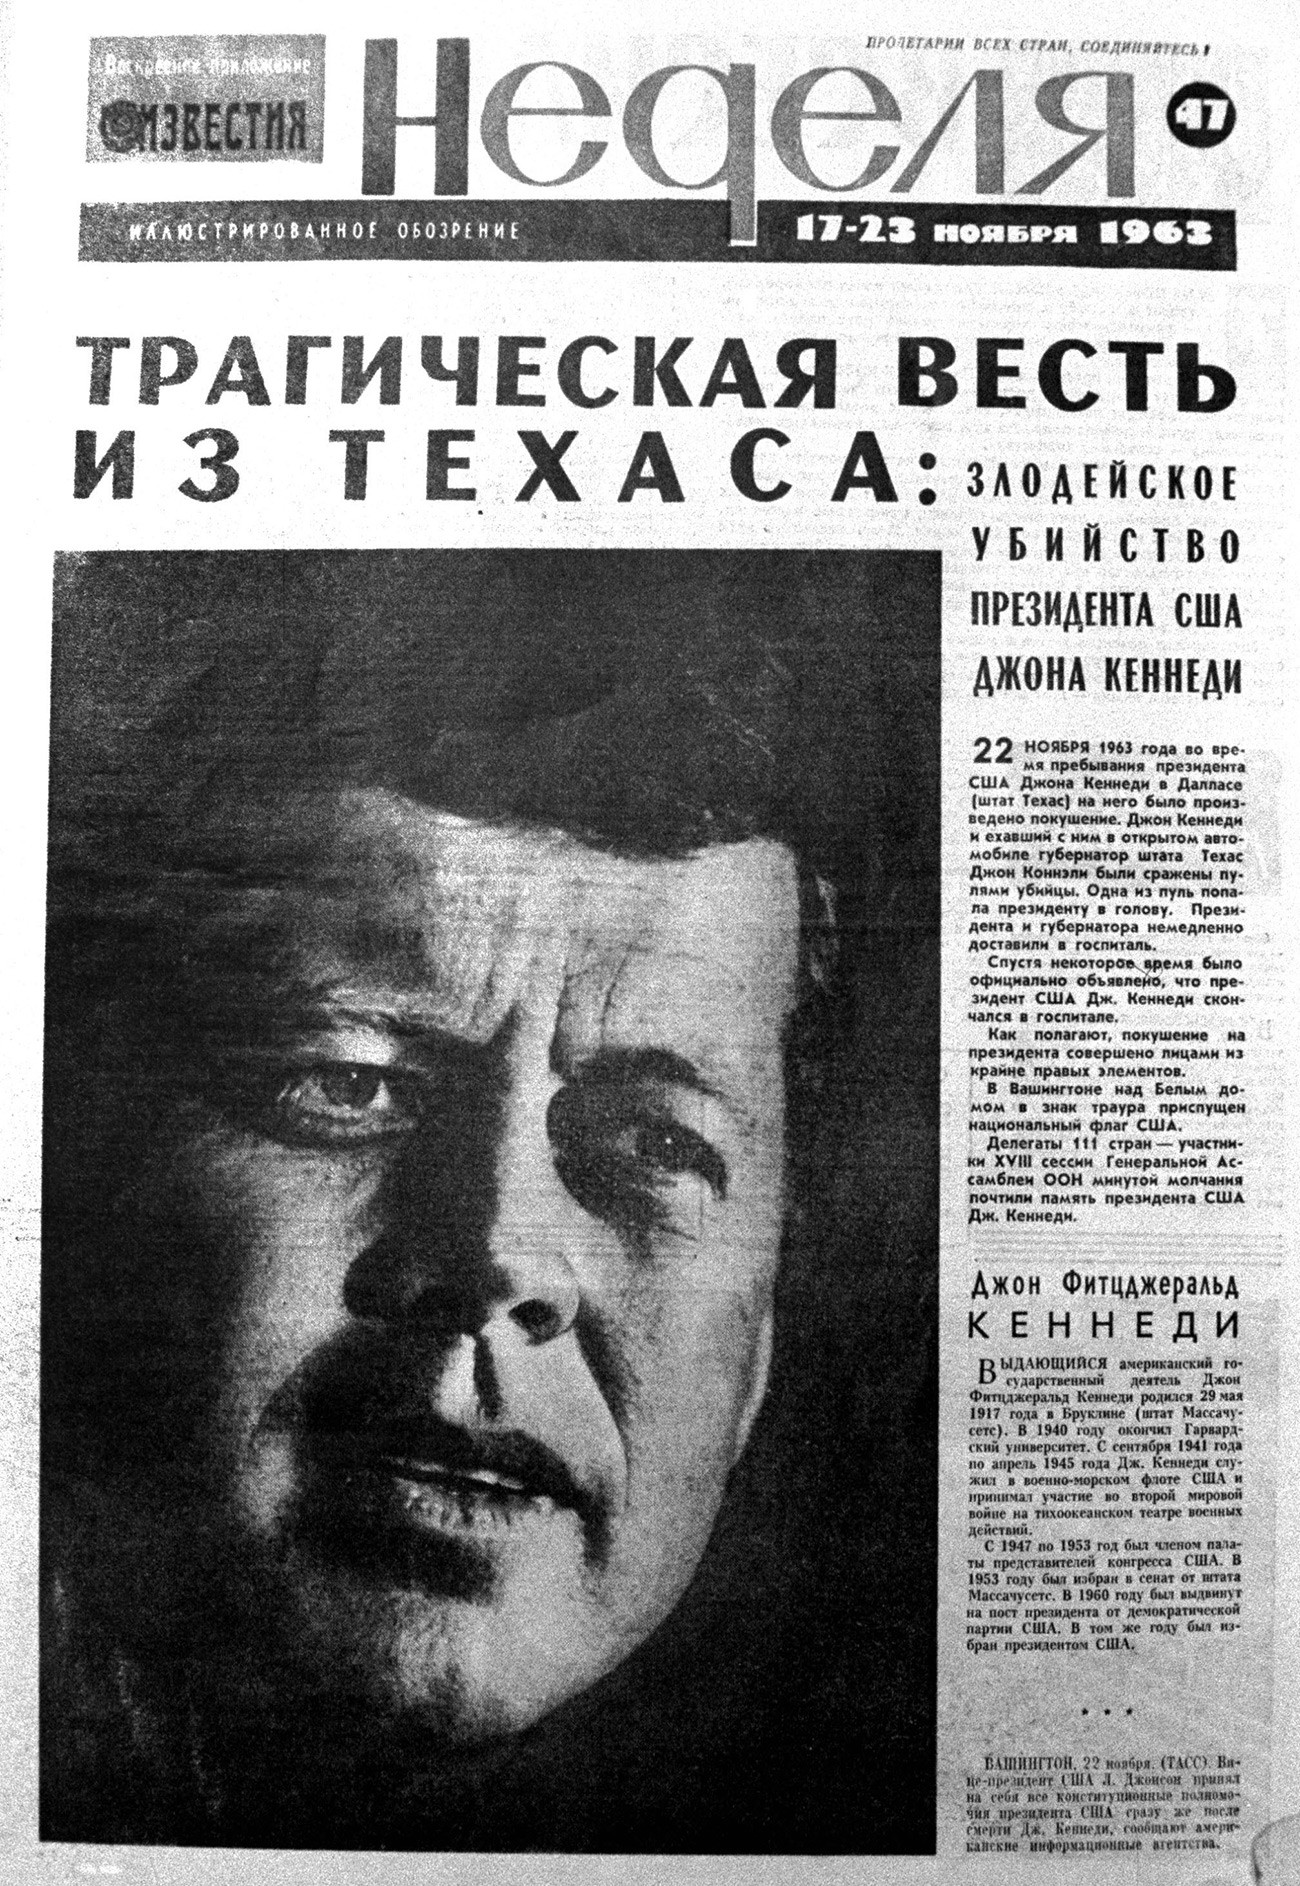 """Лист """"Неделя"""" од 23. новембра 1963. године. Насловна страна посвећена је убиству америчког председника Џона Кенедија. """"Неделя"""" је био додатак уз владине новине """"Известия""""."""